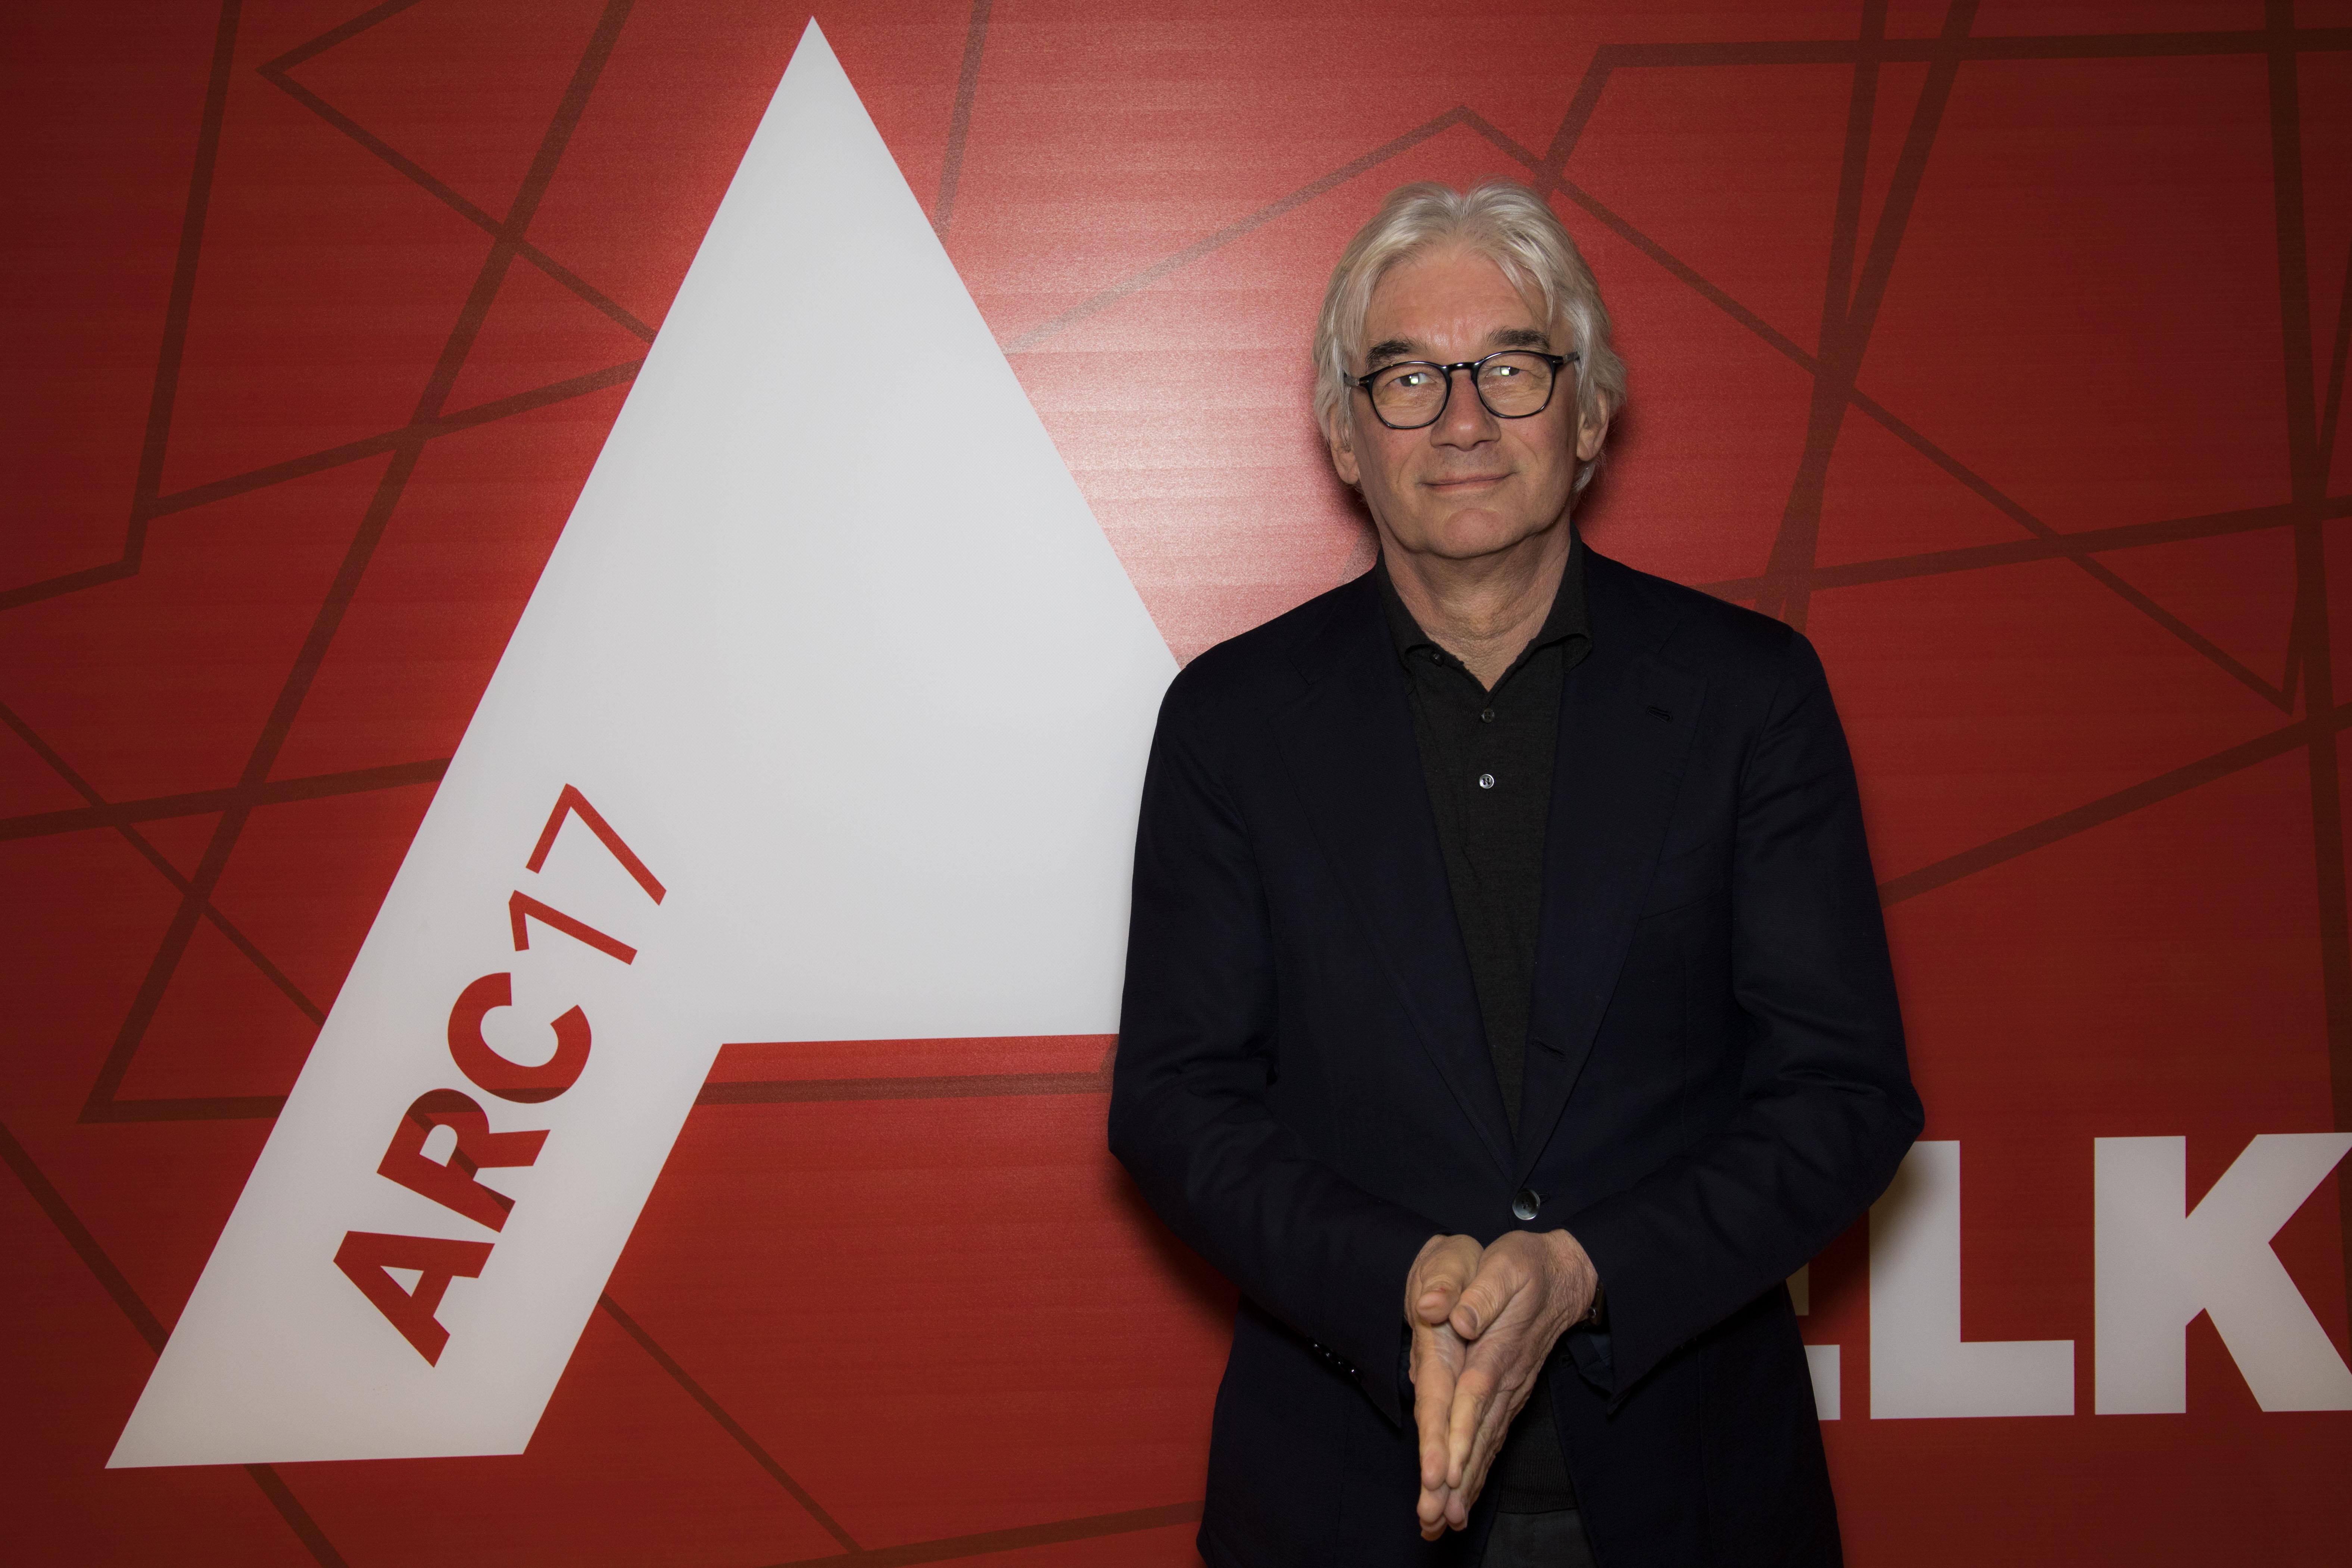 <p>Mels Crouwel van Benthem Crouwel behoorde met het RAi parkeergebouw tot de genomineerden voor de ARC17 Architectuur. Foto: Elvins Fotografie</p>